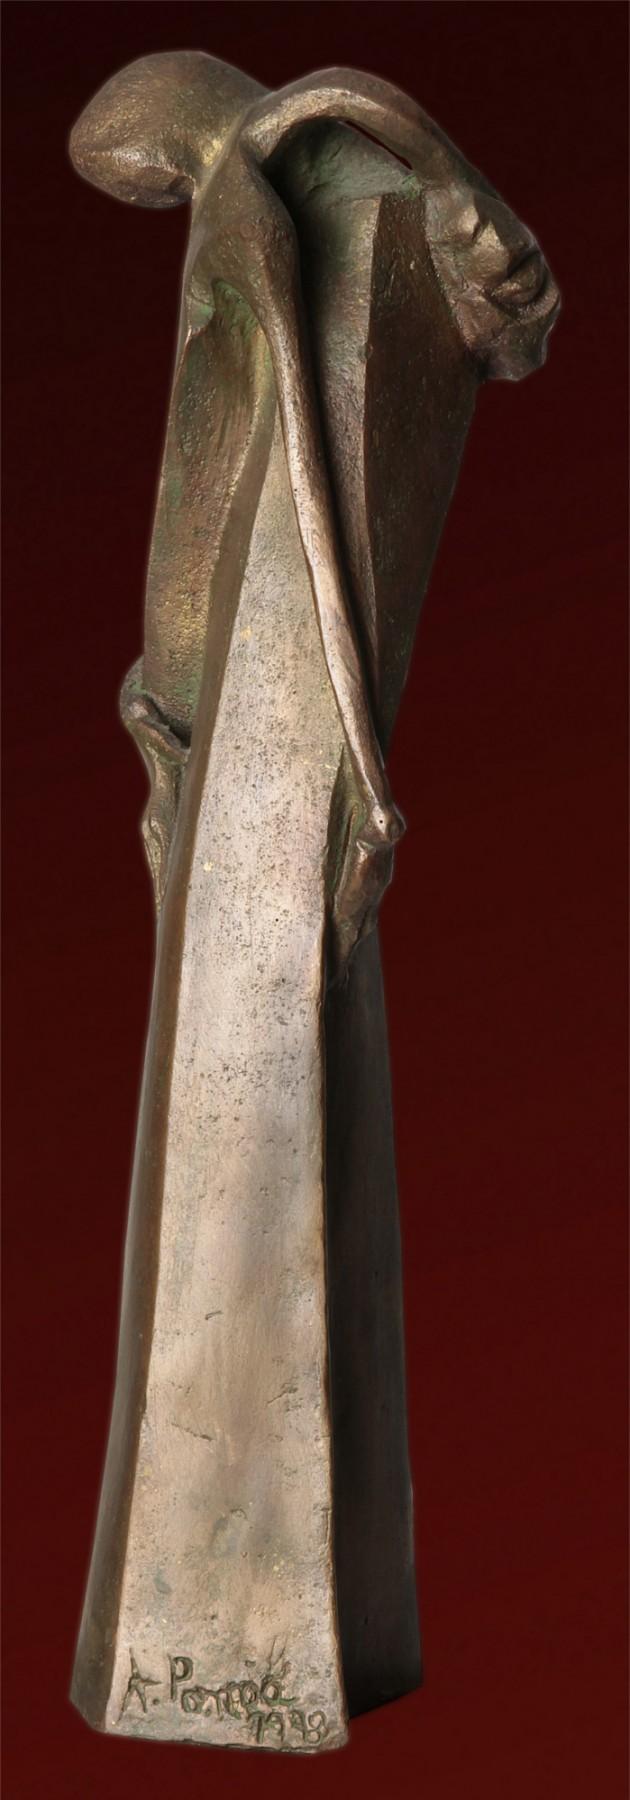 Abbraccio - 31x8x7 cm, 1998